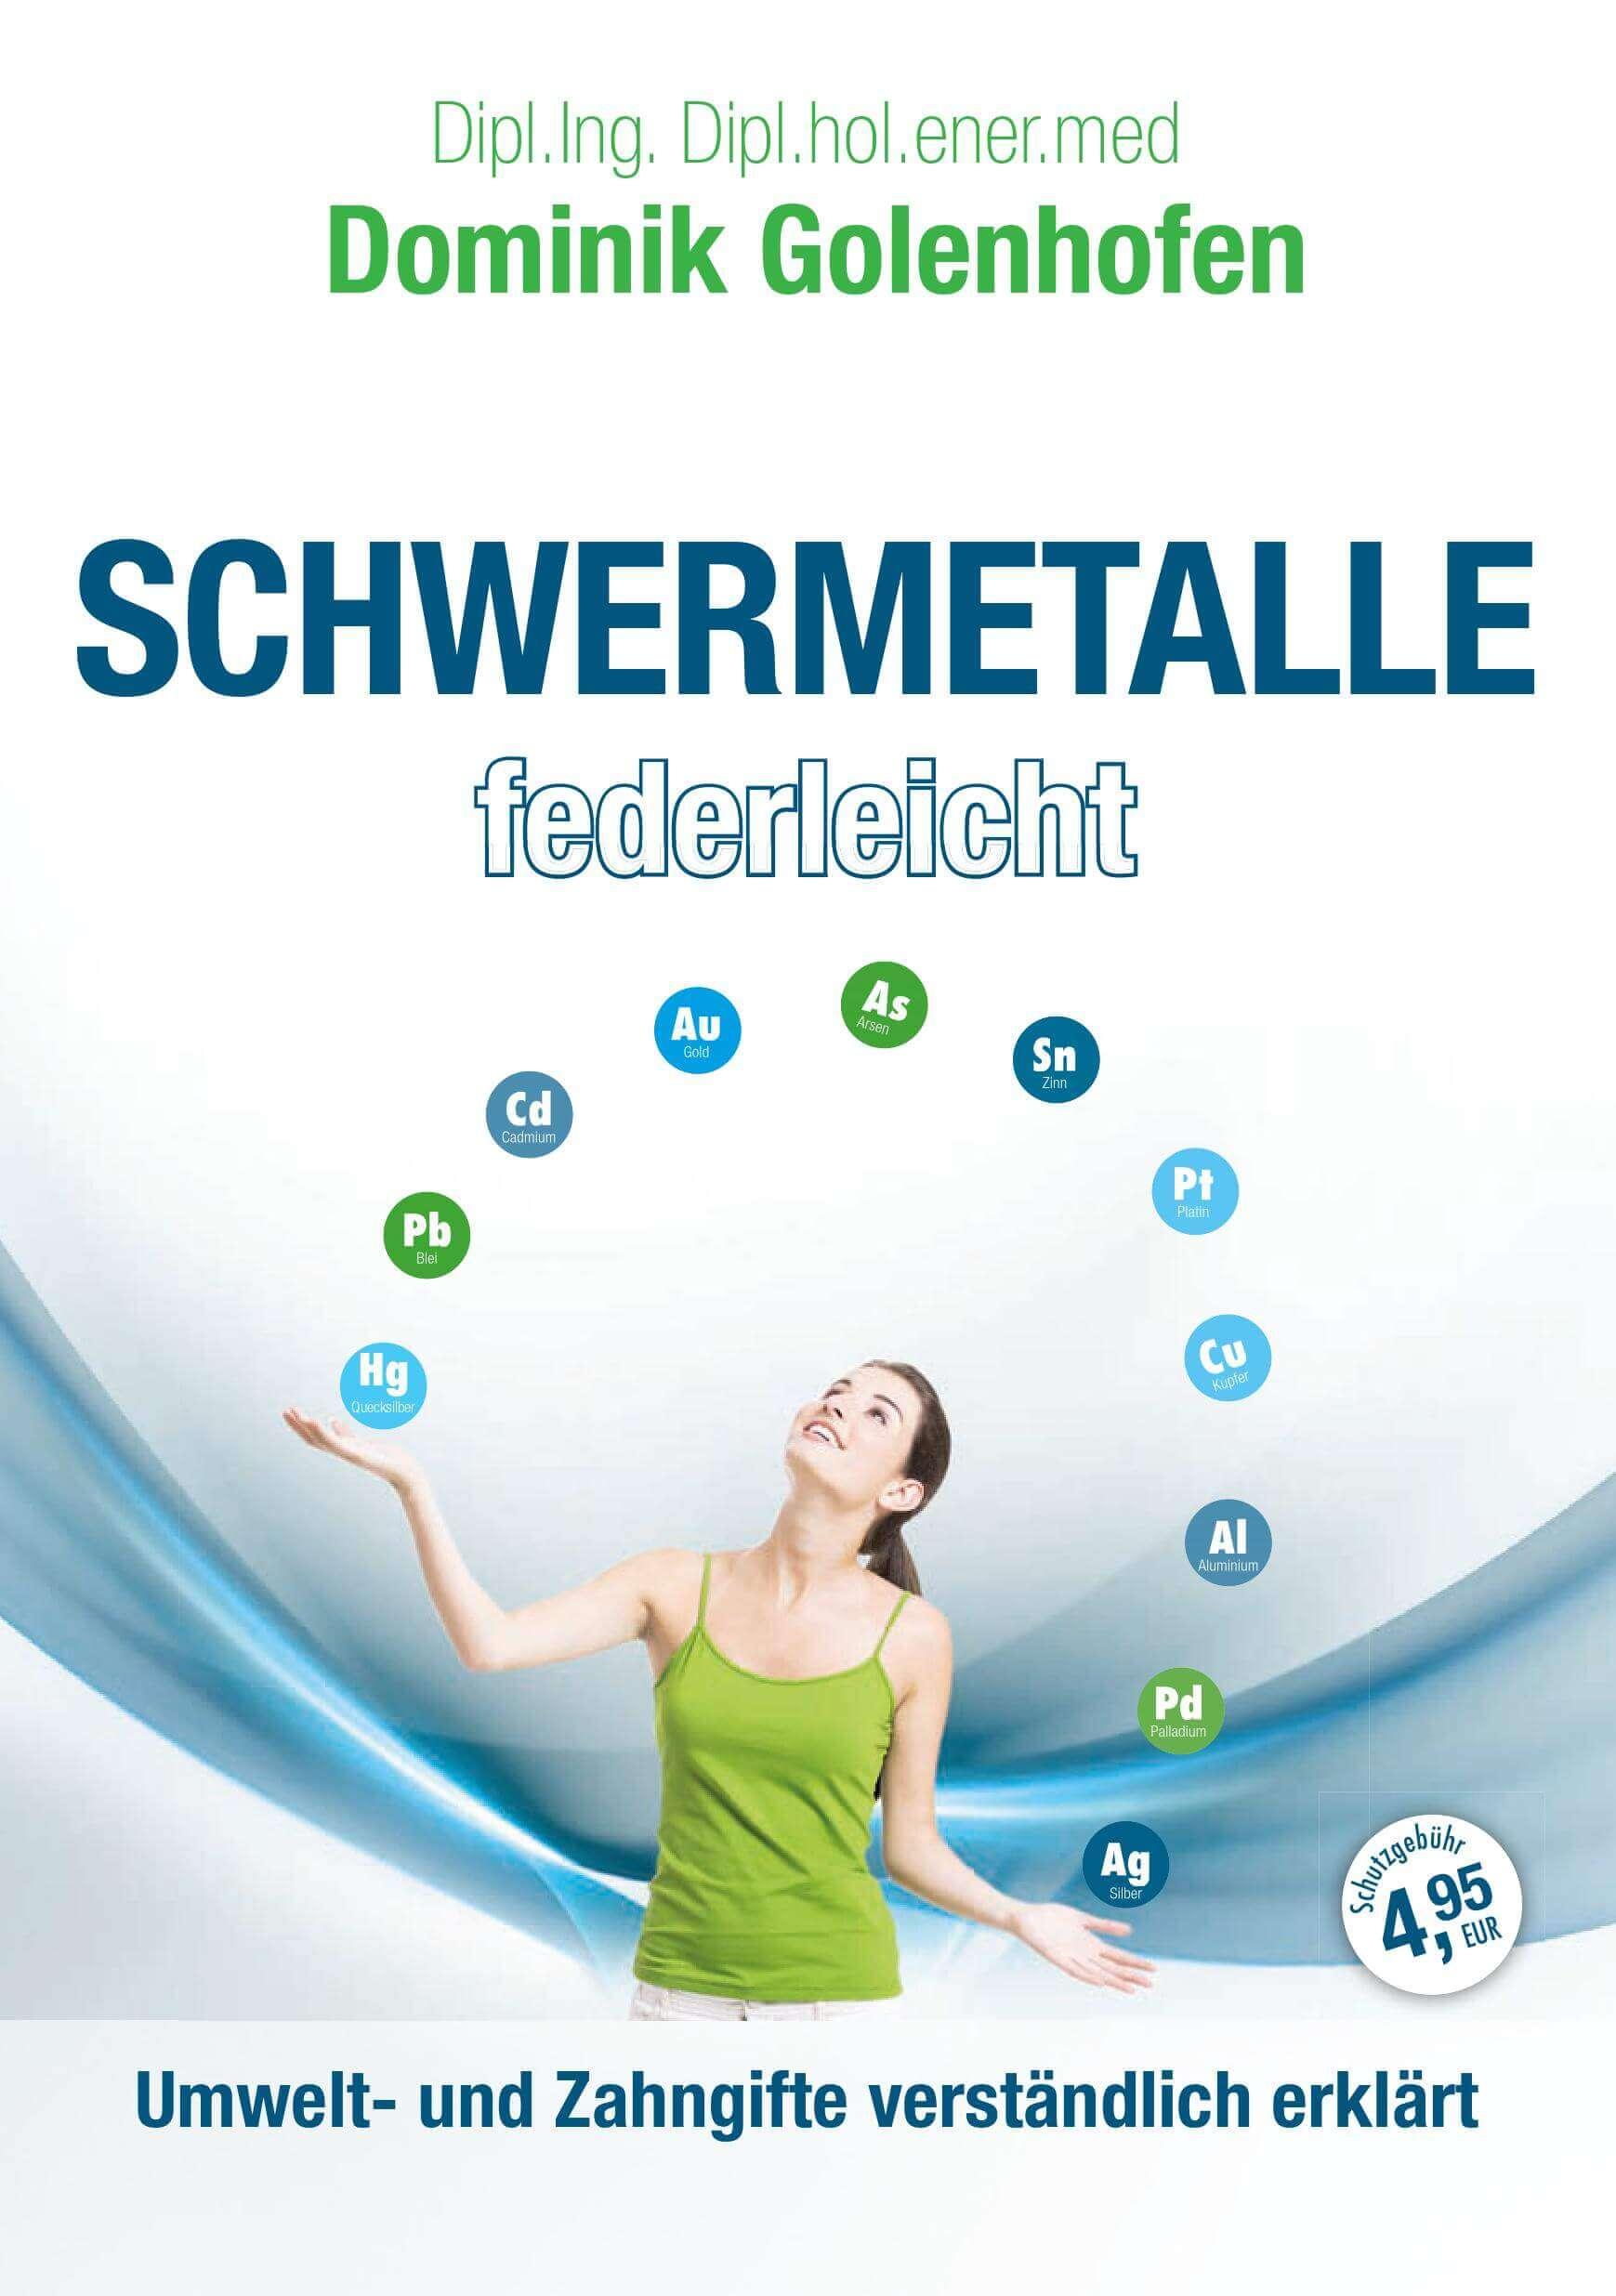 Broschüre Schwermetalle federleicht von Dominik Golenhofen